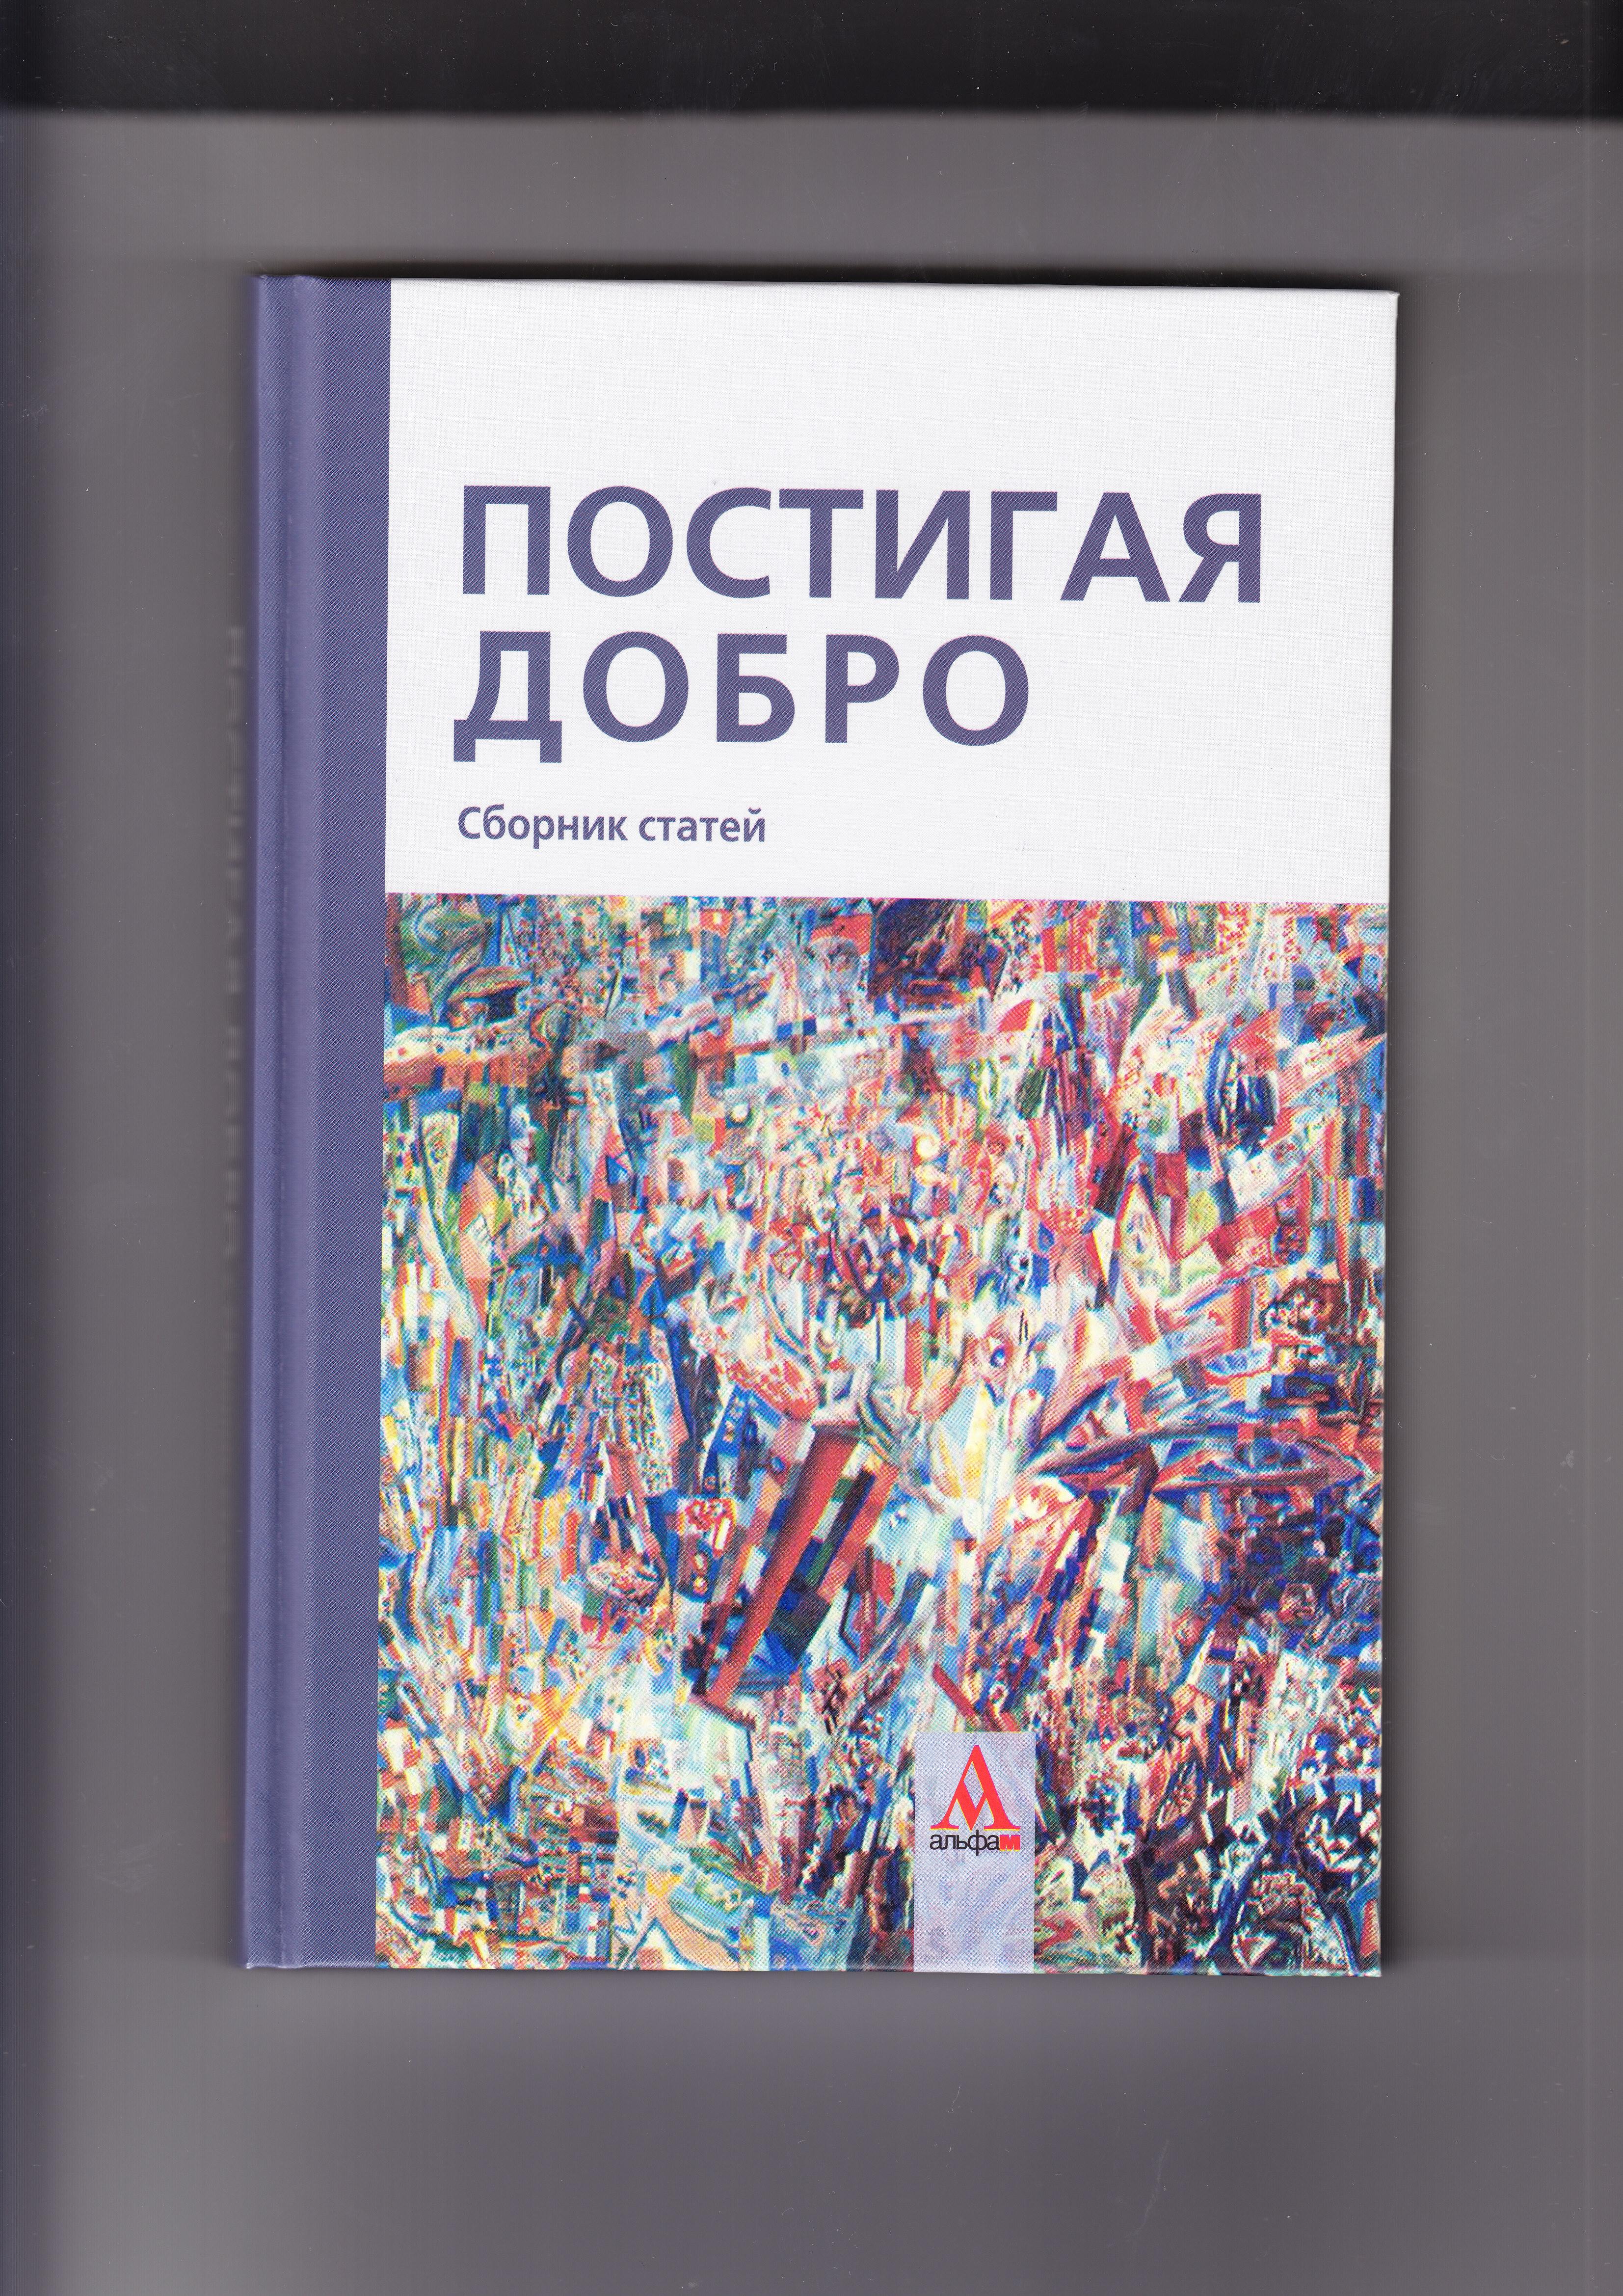 Современный дискурс справедливости и глобальный патримониализм